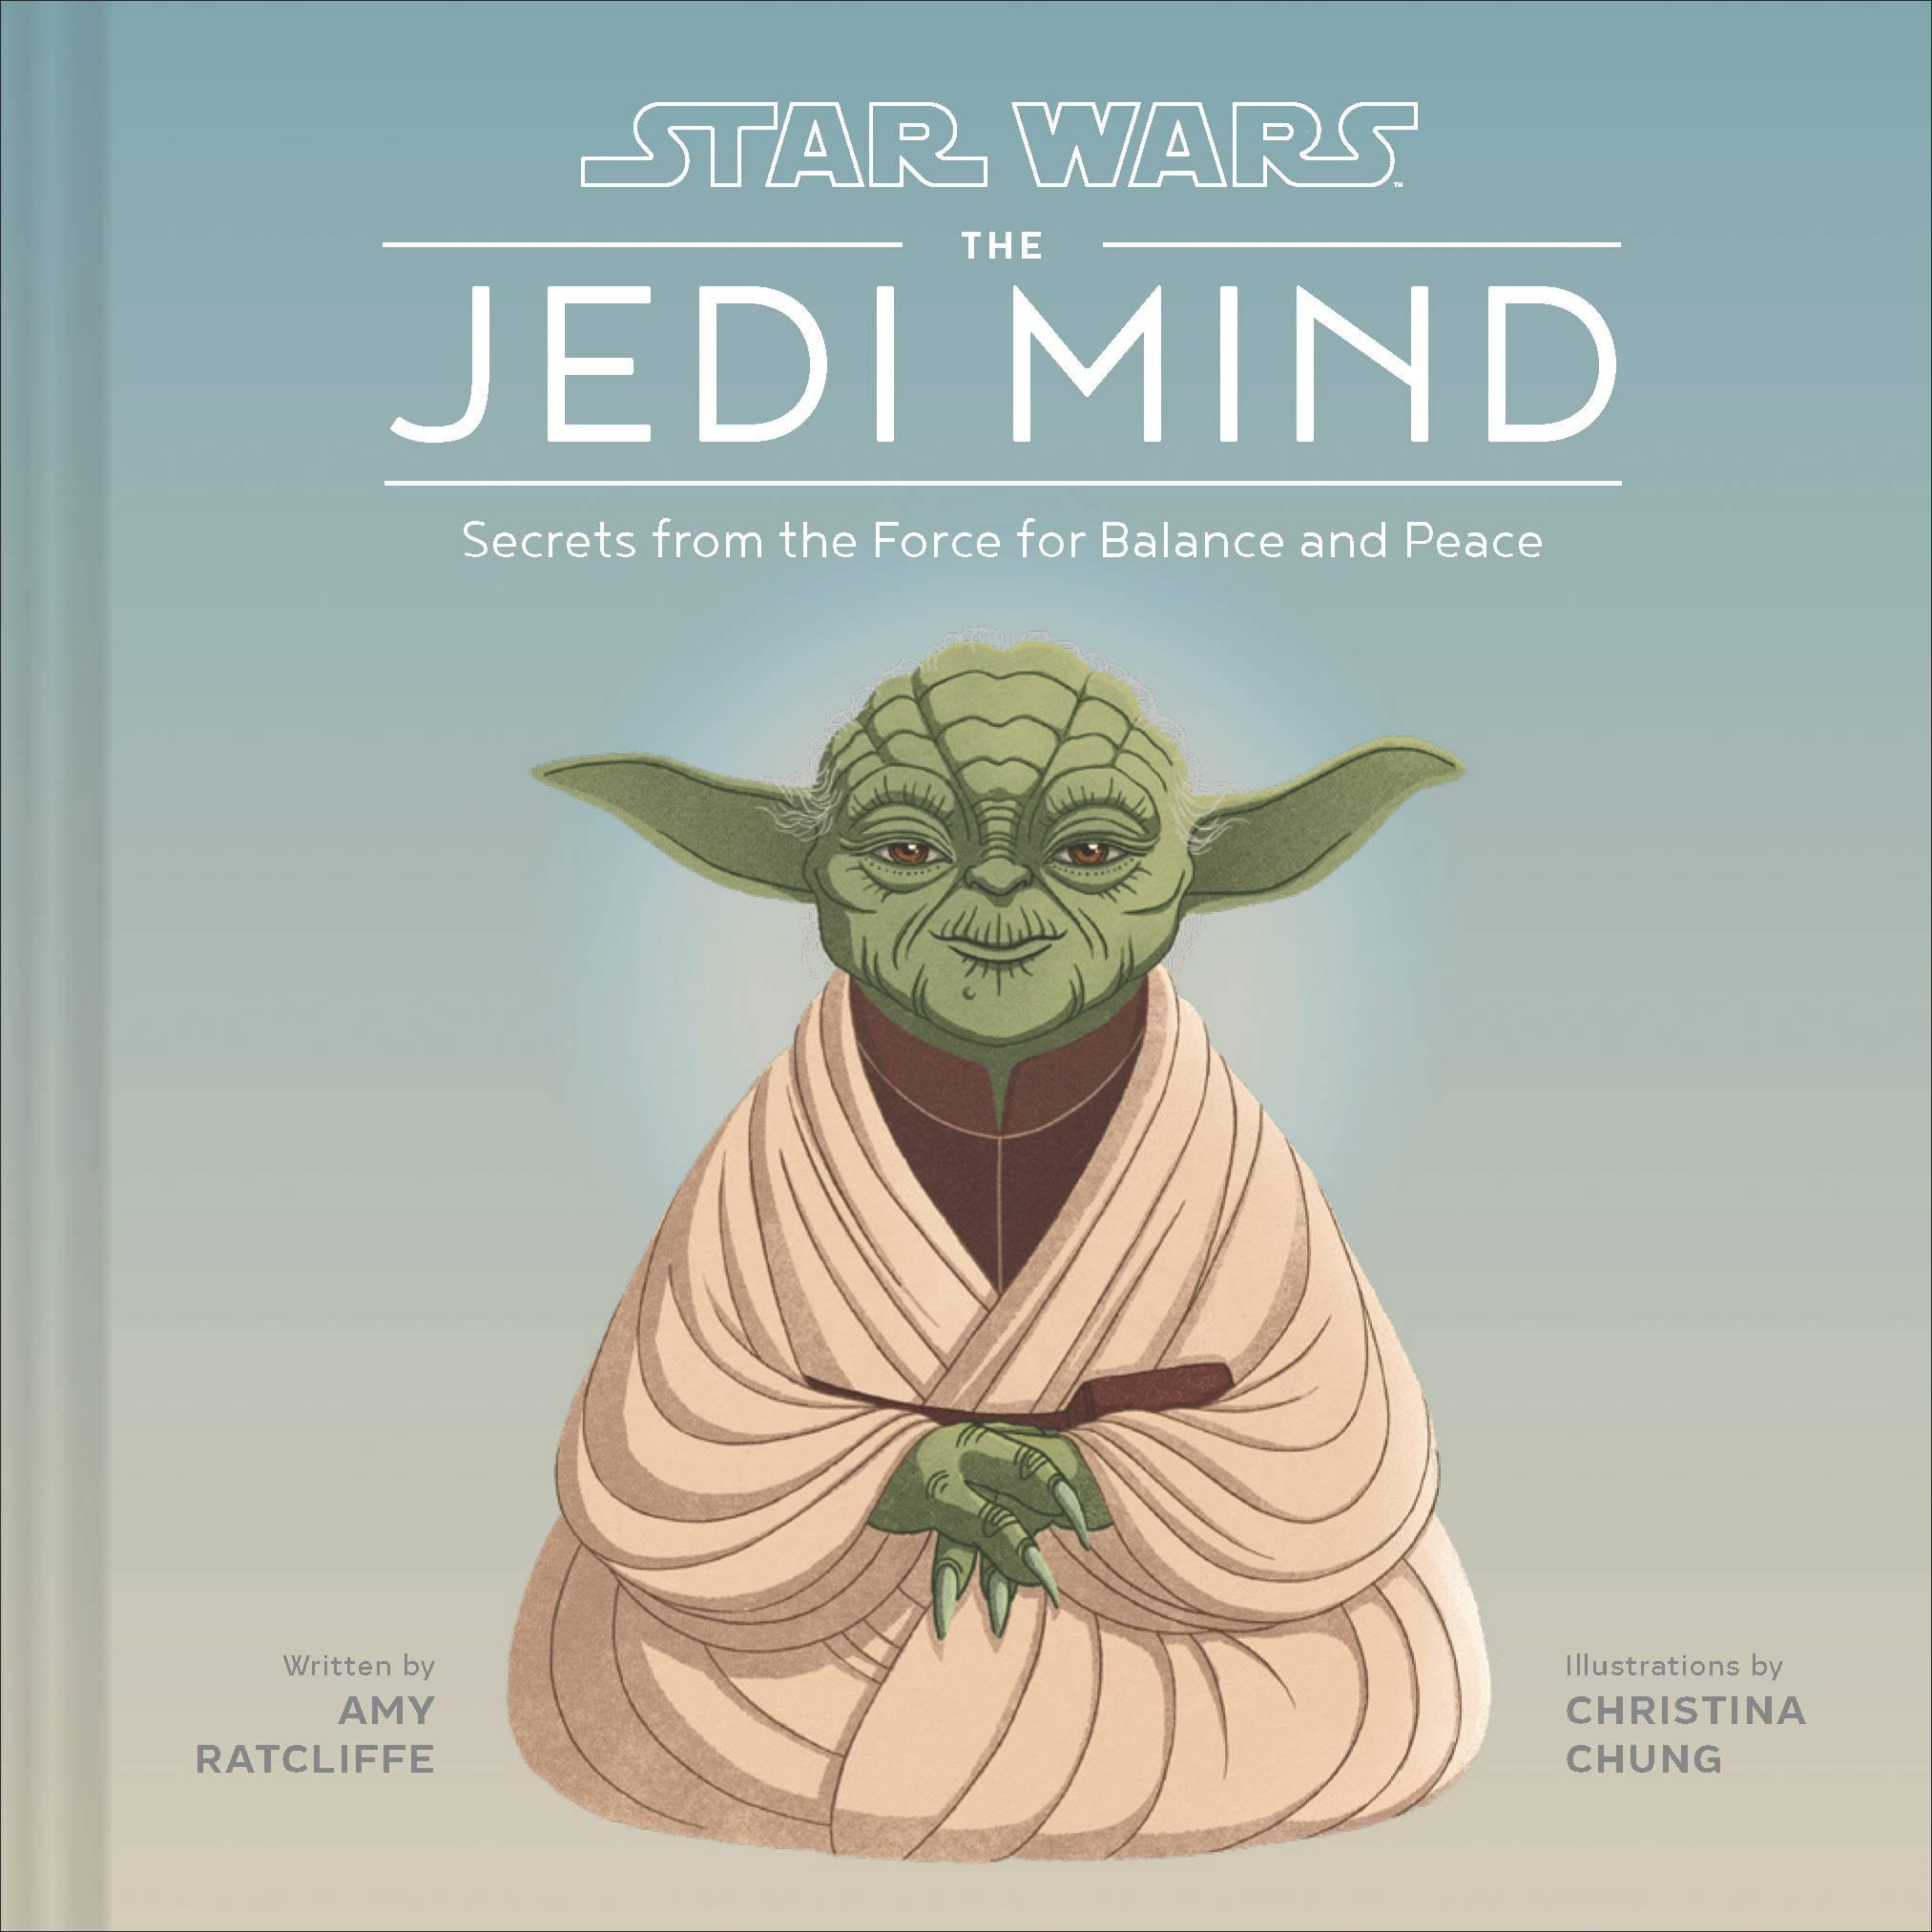 STAR WARS THE JEDI MIND